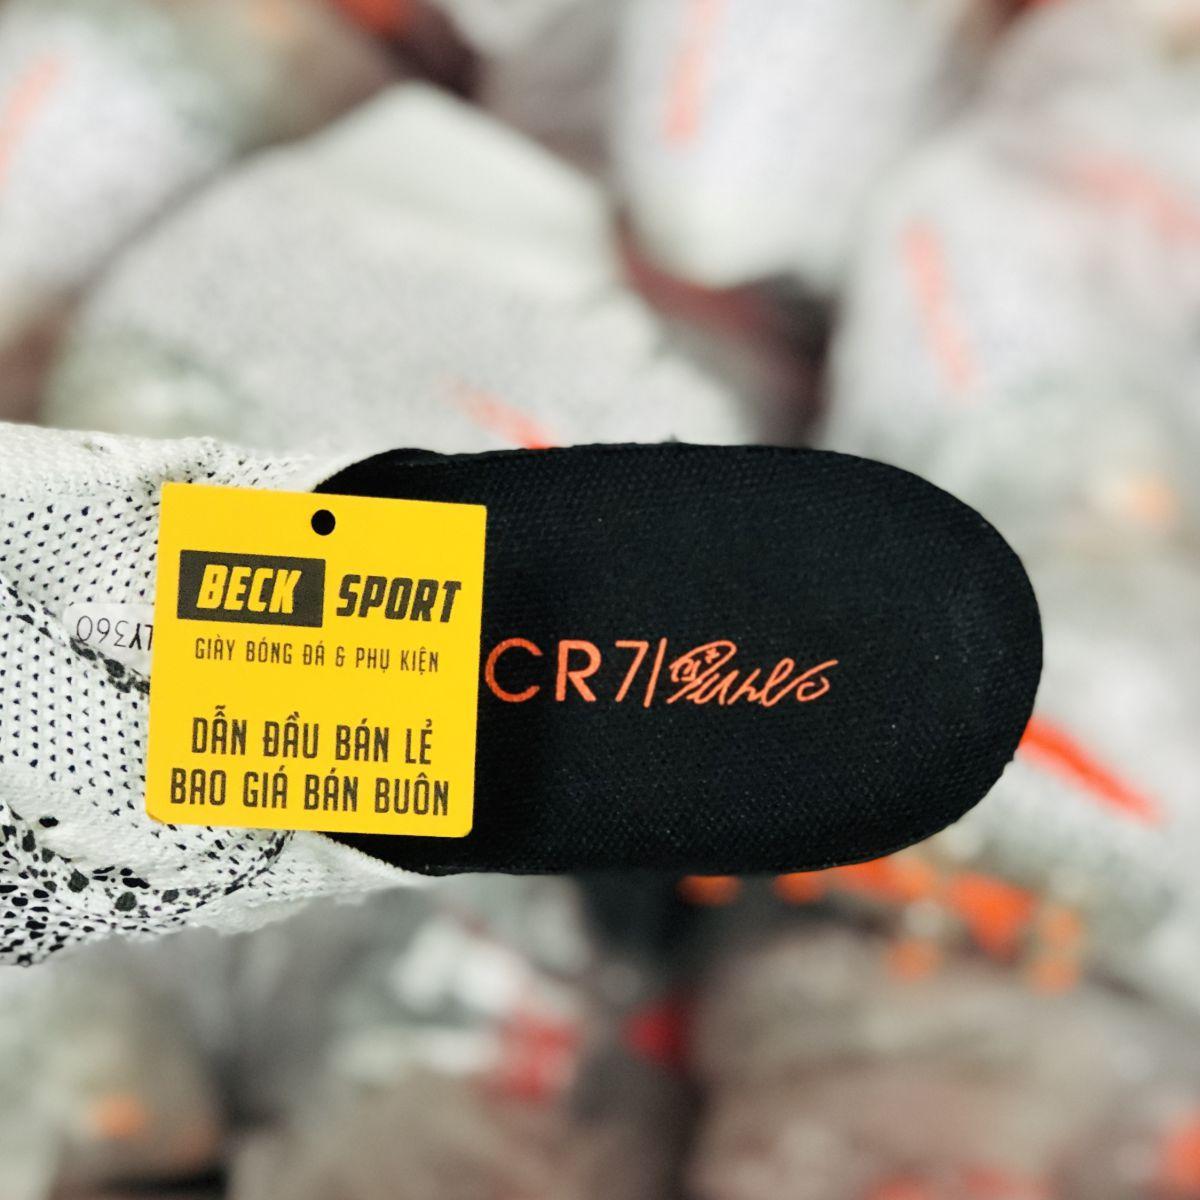 Giày Bóng Đá Nike Mercurial Superfly 7 Elite CR7 Safari Trắng Chấm Đen Vạch Cam Cổ Cao FG